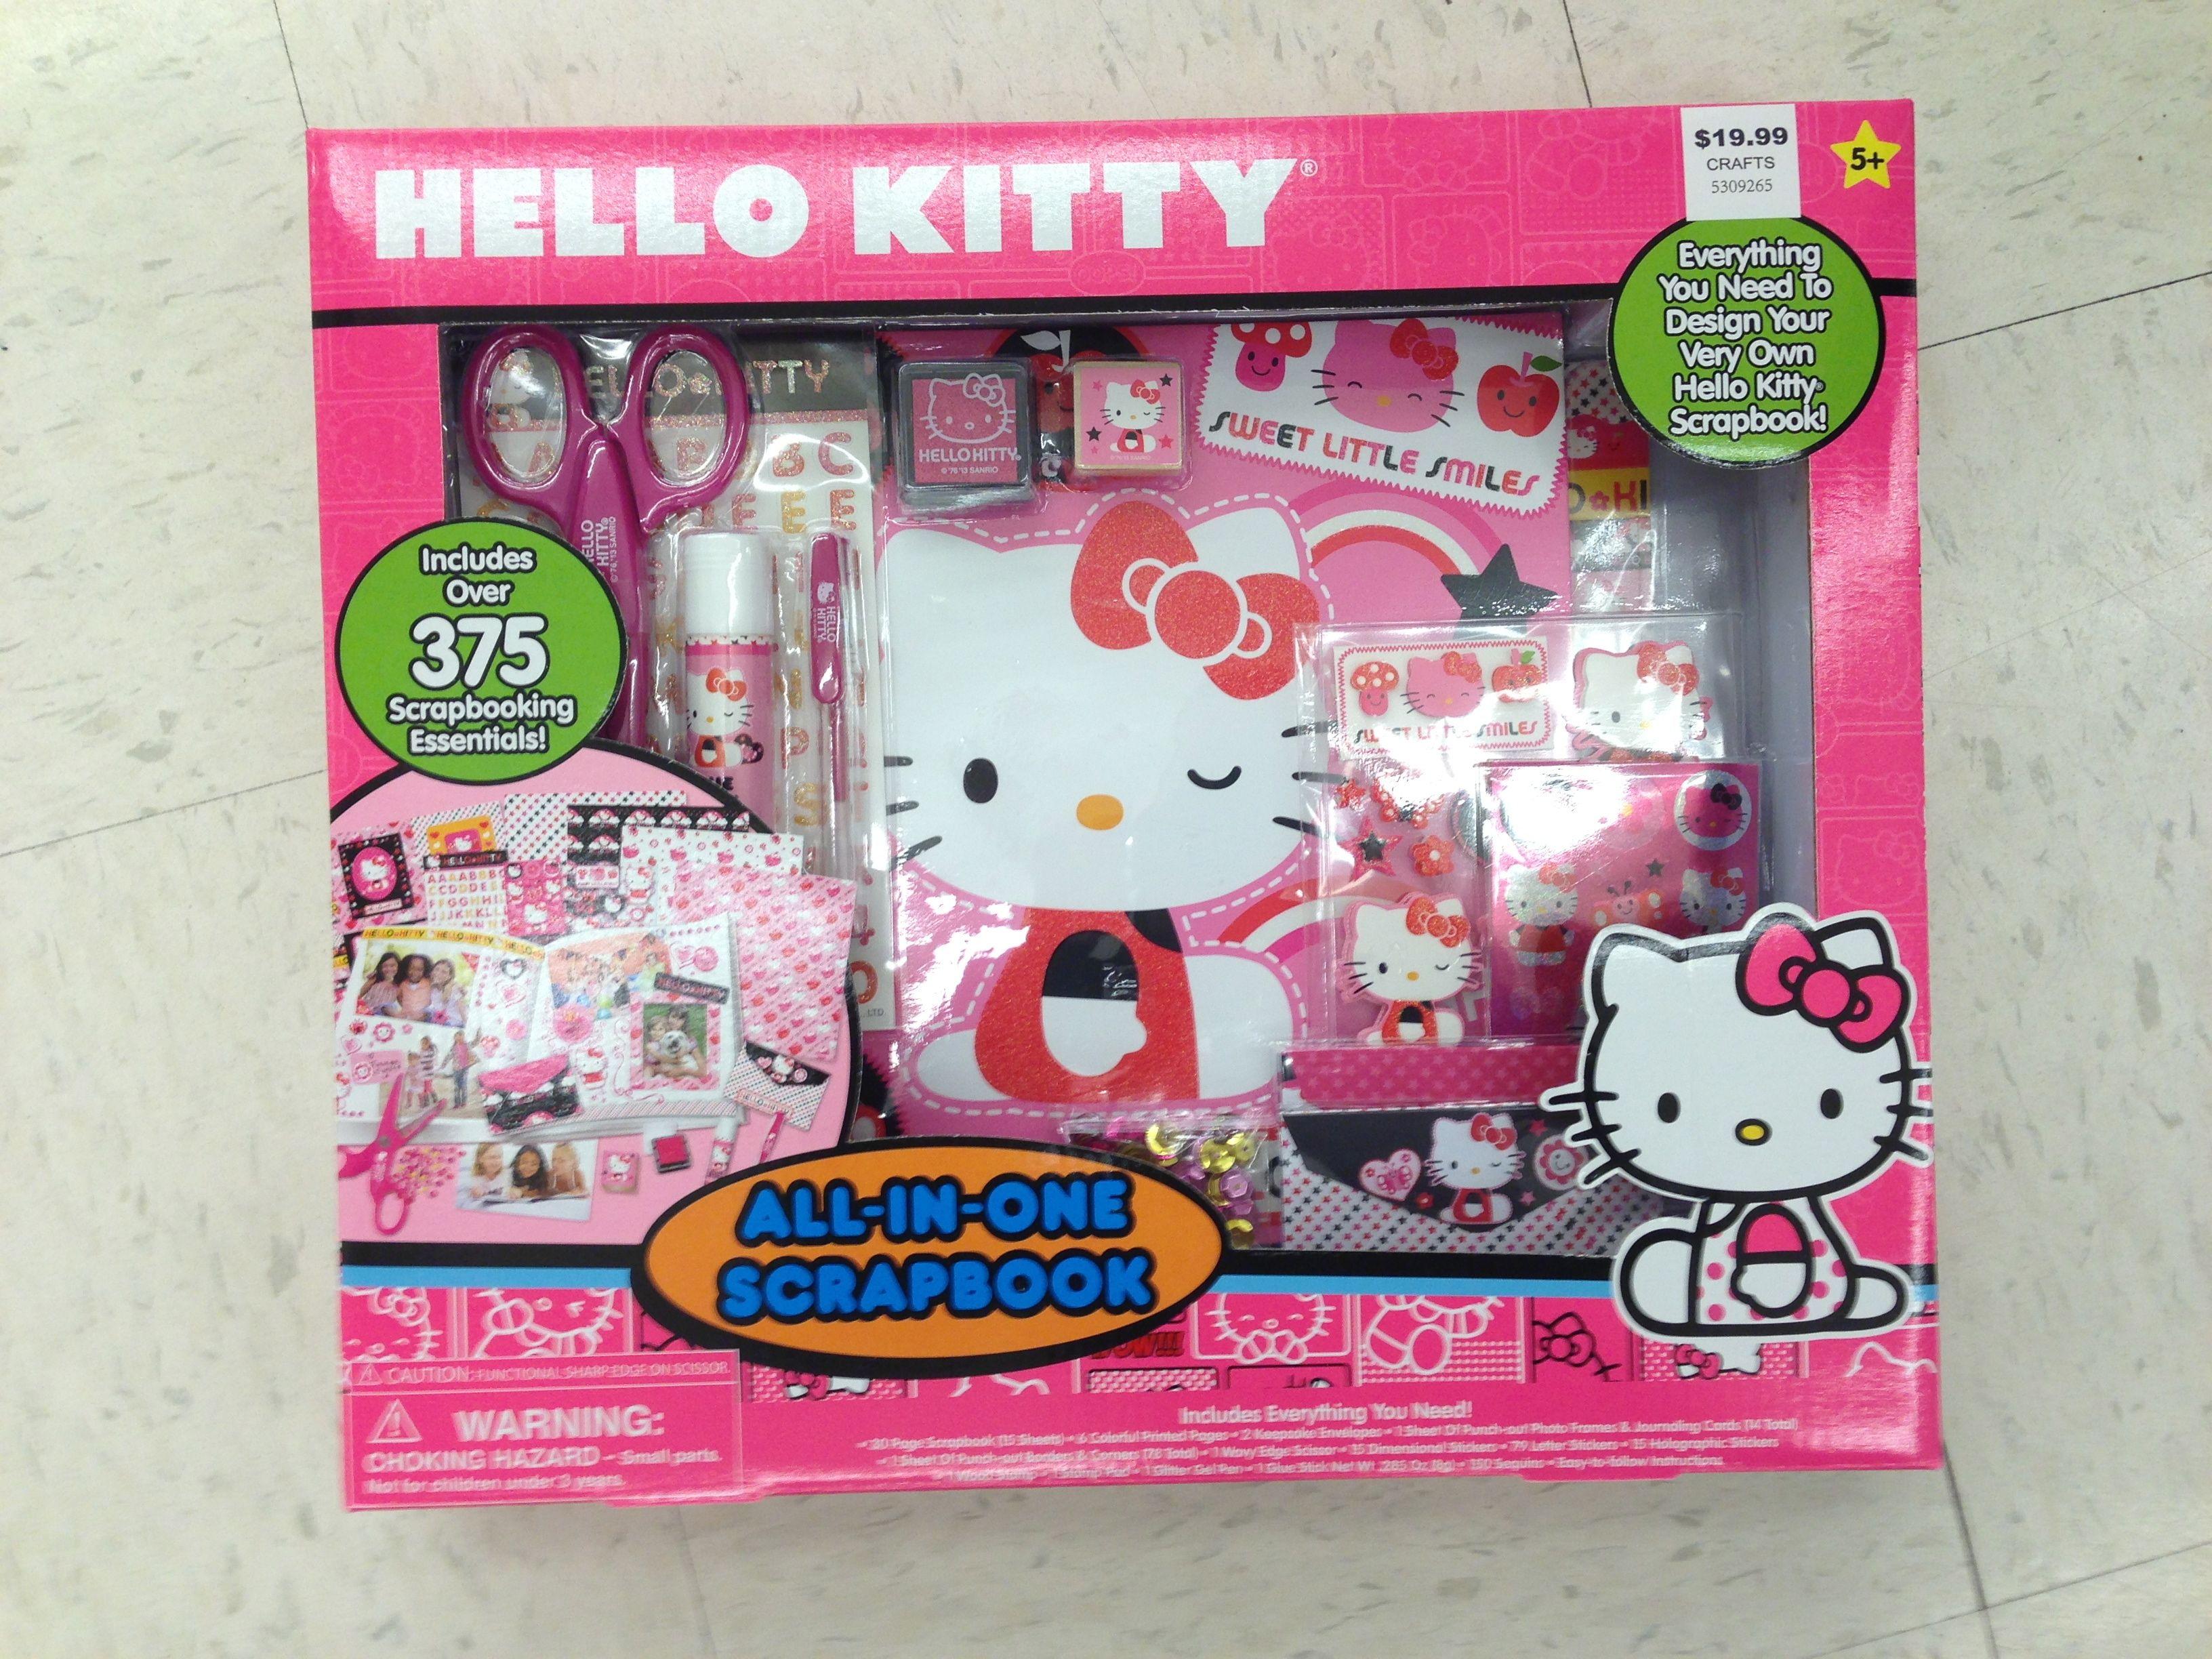 White apron hobby lobby - Hobby Lobby Hello Kitty Stationary Set 19 99 Use 40 Off Coupon Http